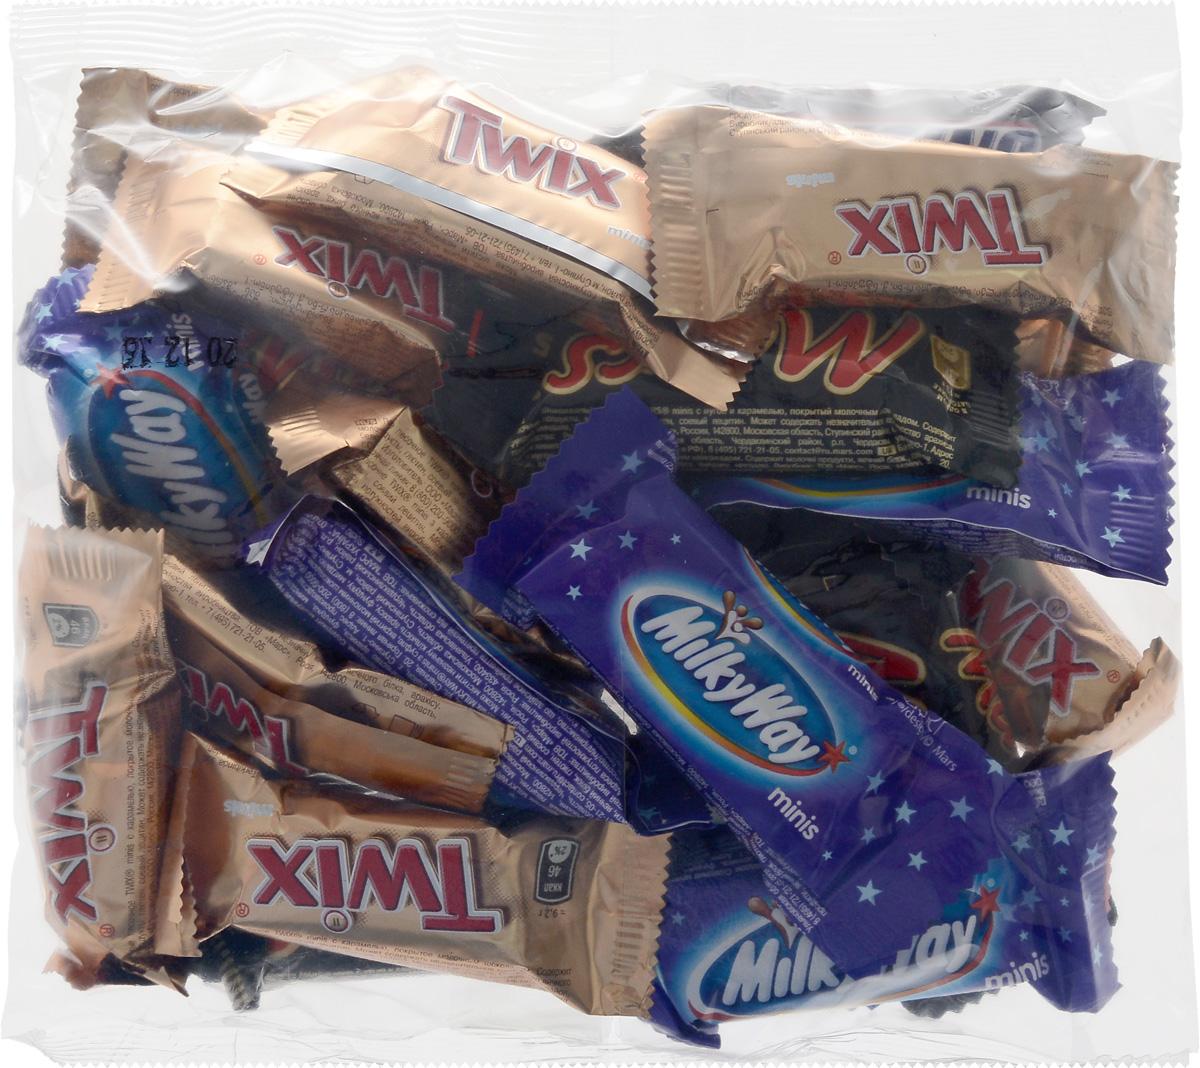 Mars Ассорти minis шоколадный батончик, 250 г79015006Милки Вей Минис - это конфеты, состоящие из нуги, которая намного легче молока. Молочный шоколад, которым покрыт Милки Вей, делает вкус конфет незабываемо нежным. Порадуйте юных сладкоежек, купите им Милки Вей, а они обязательно с вами поделятся.